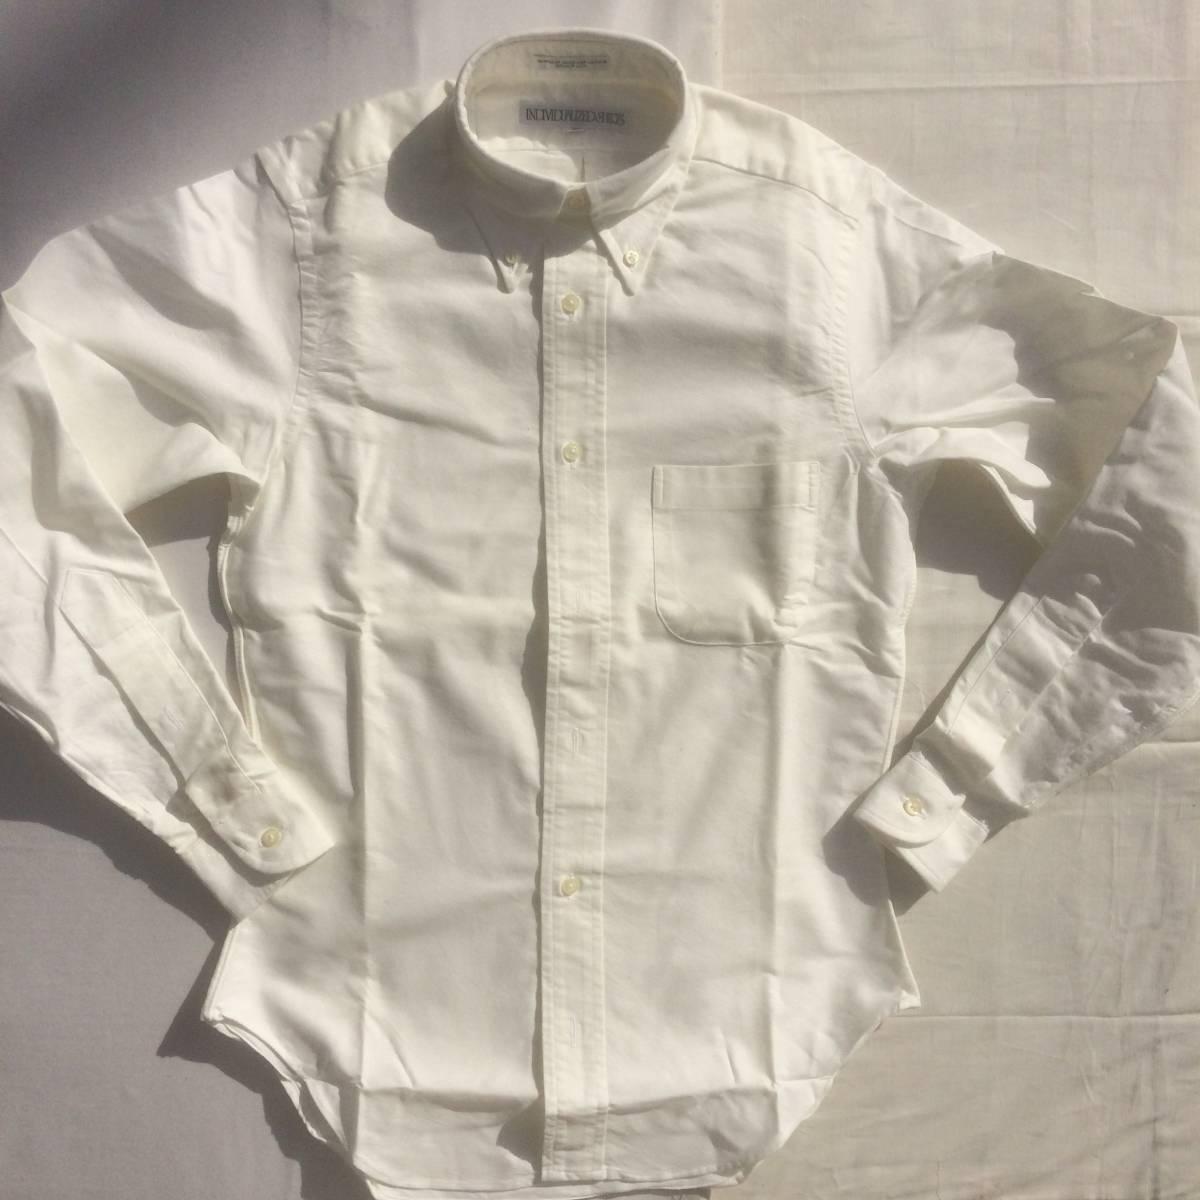 INDIVIDUALIZED SHIRTS インディビジュアライズドシャツ ダンリバー オックスフォード BD 白 ホワイト 長袖 シャツ xxs 13.5 usa製_画像1